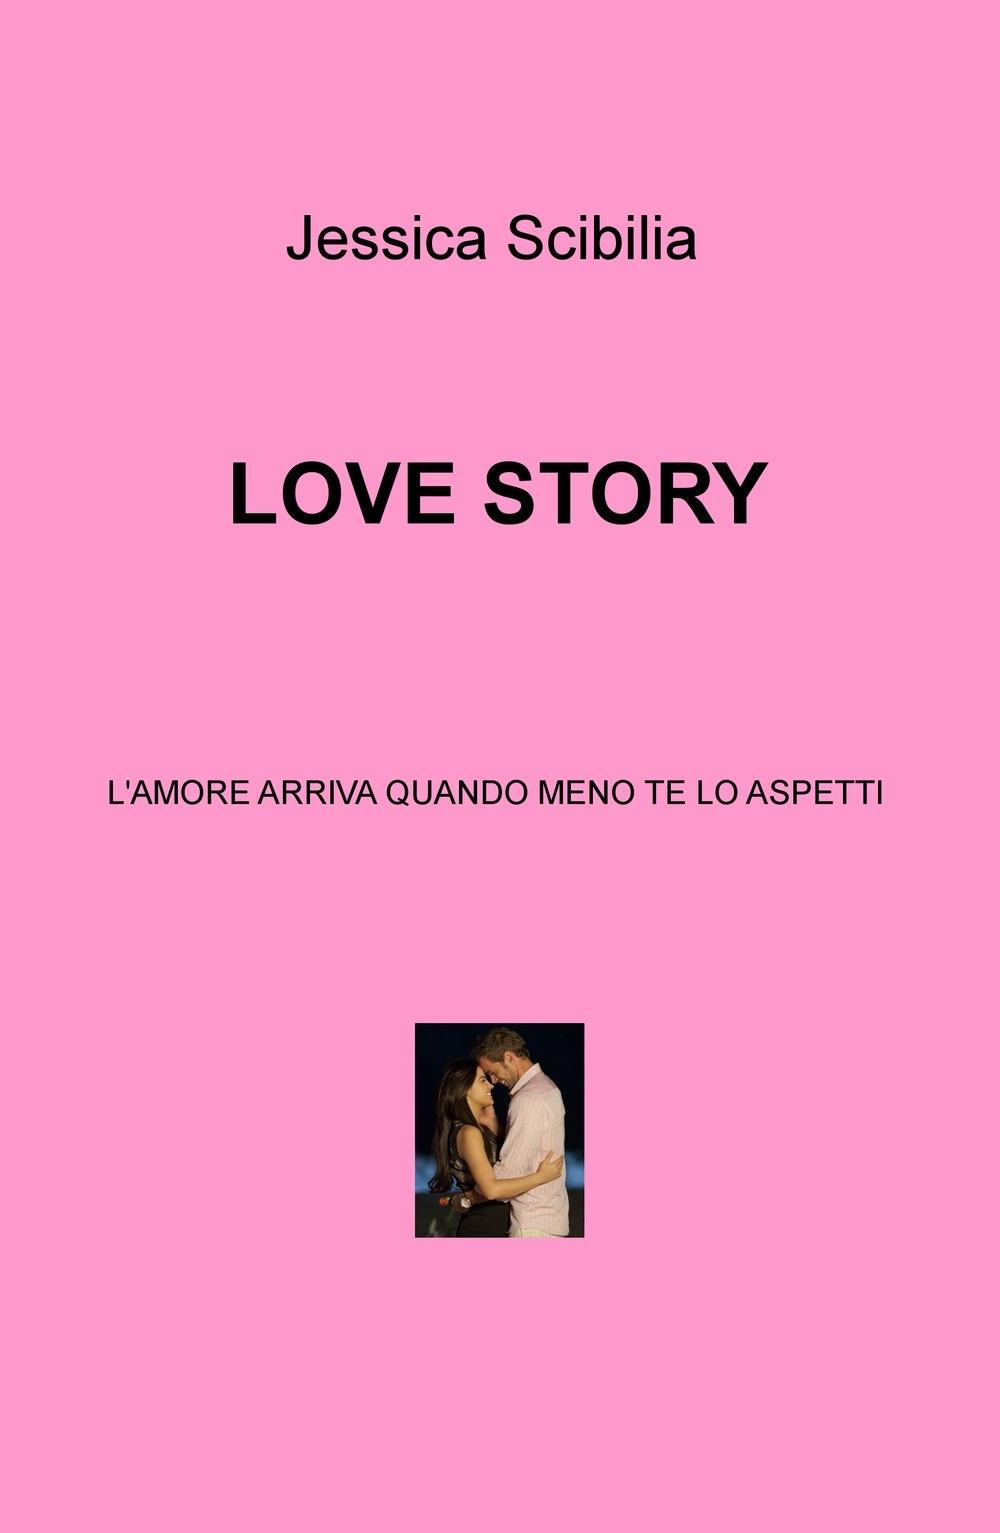 Love story. L'amore arriva quando meno te lo aspetti